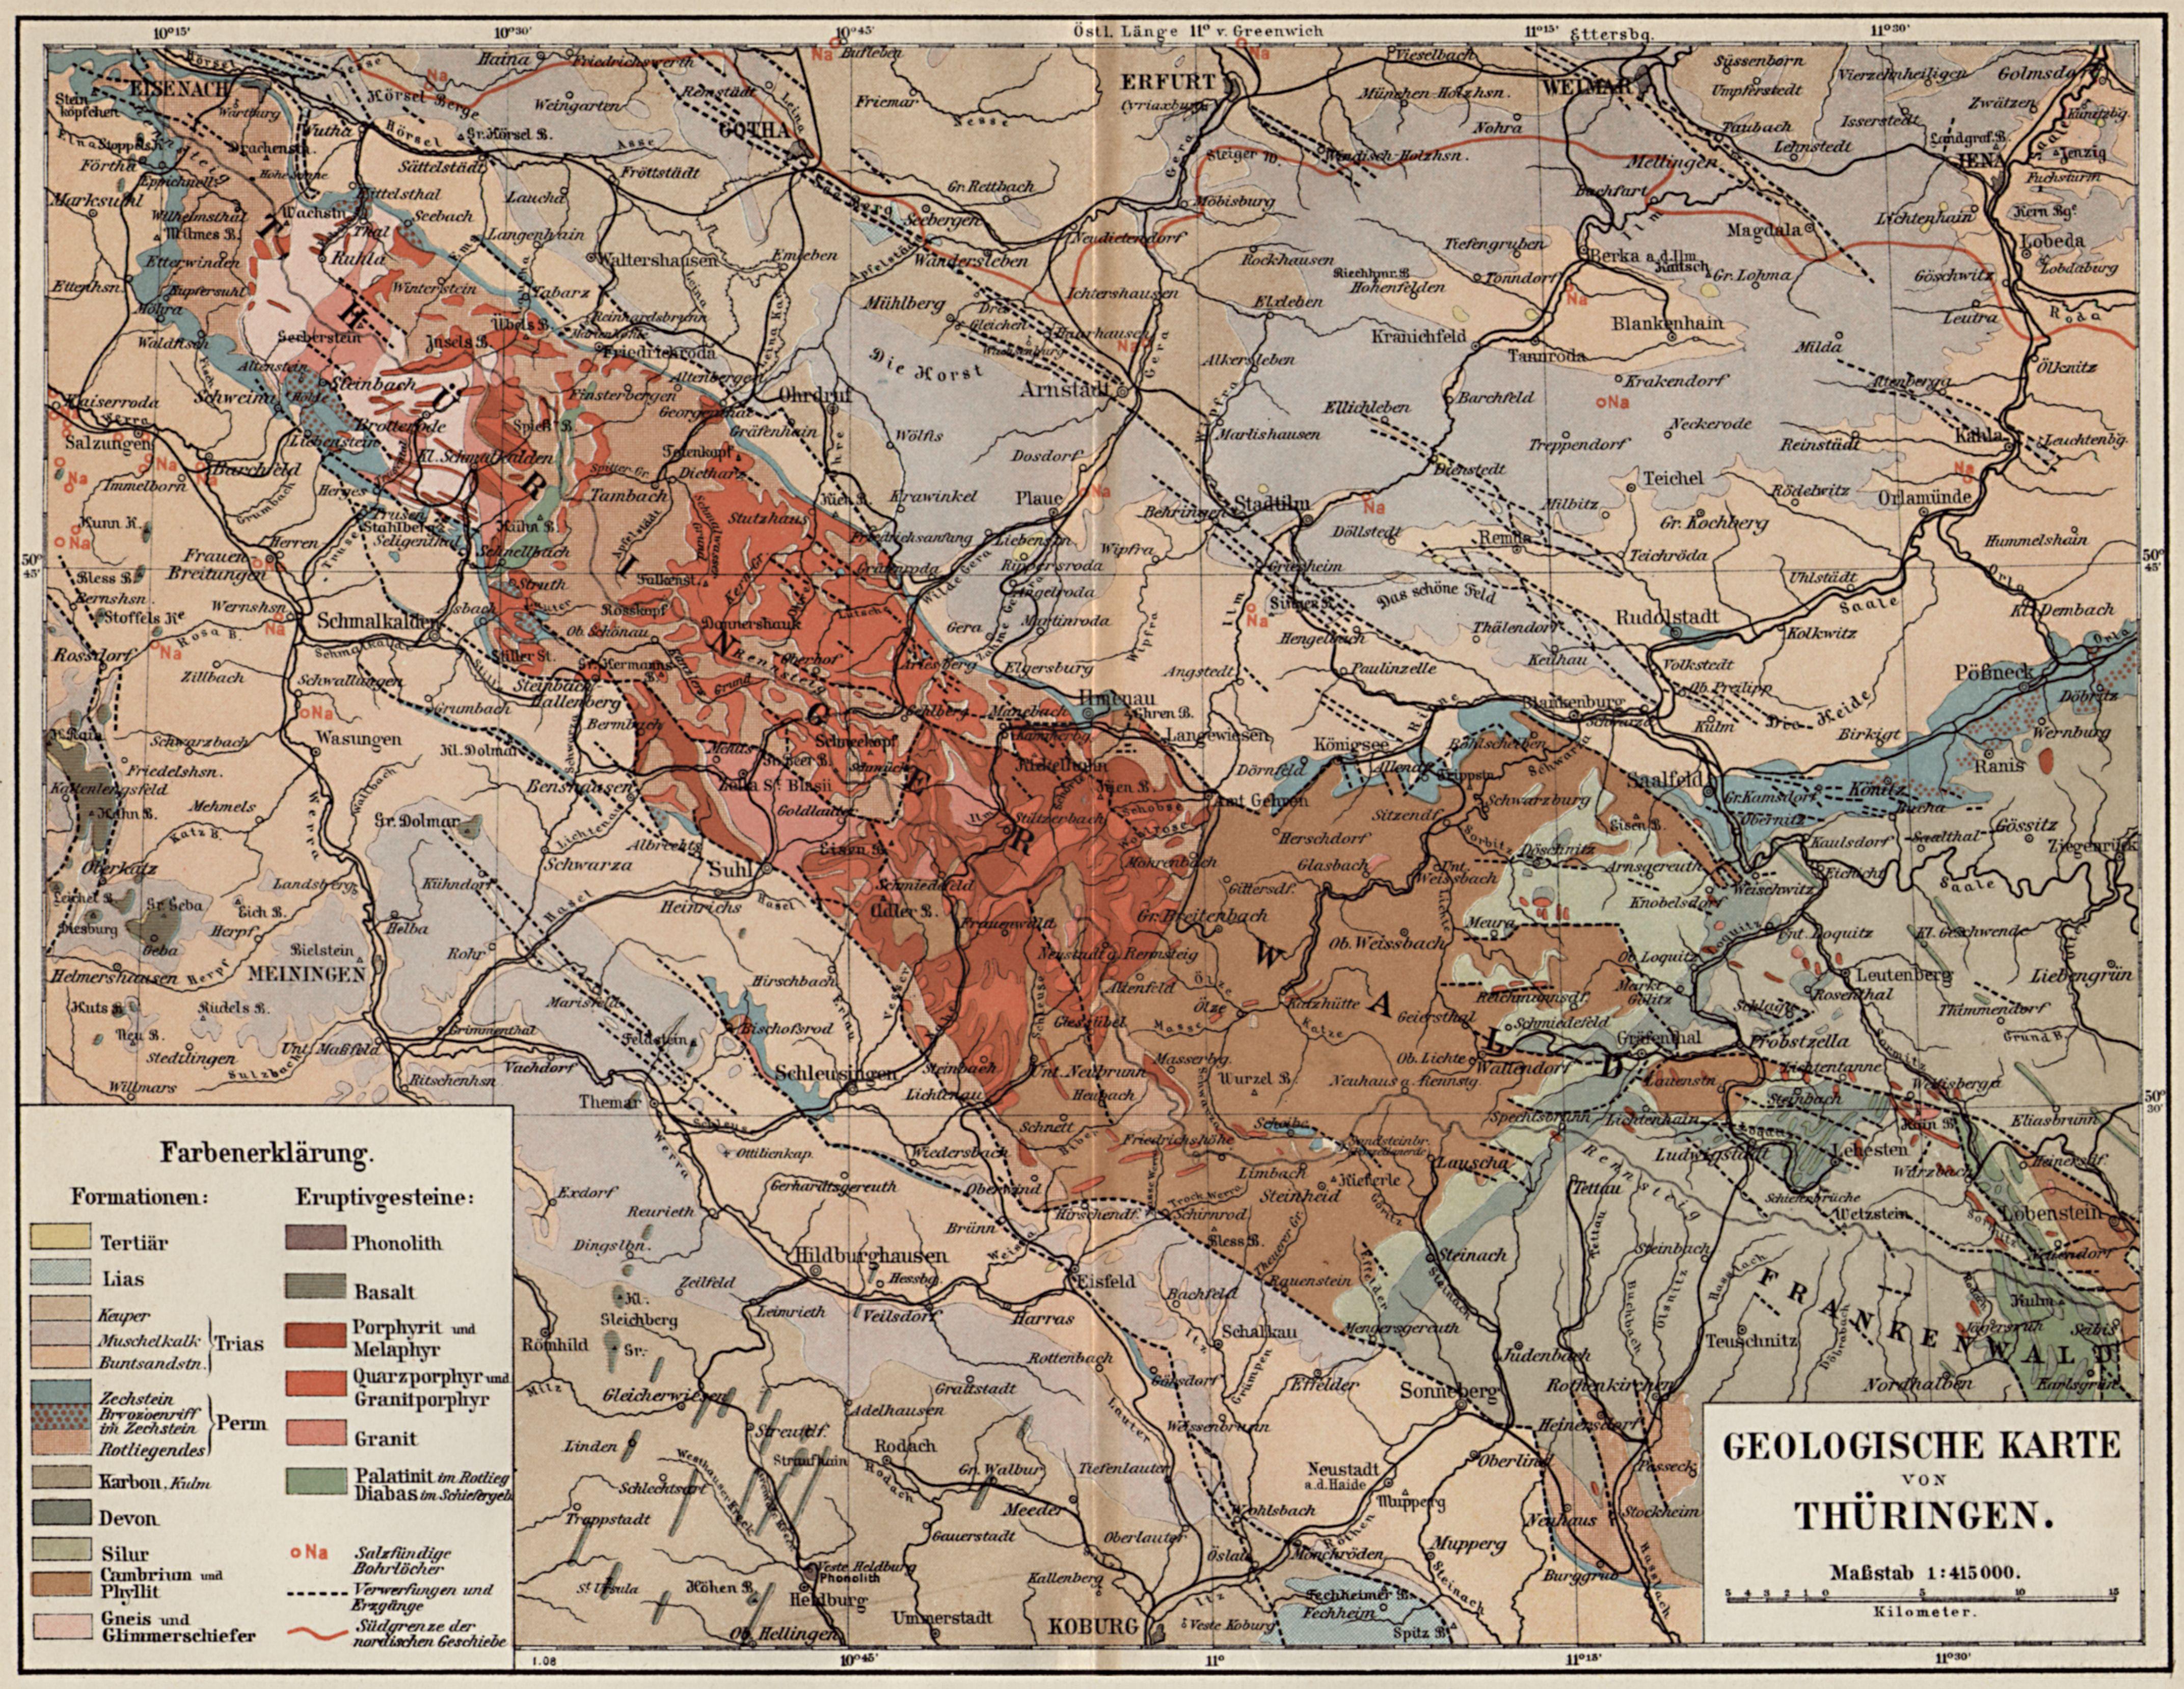 Geologische Karte Thüringen.Geologische Karte Von Thüringen Zeno Org